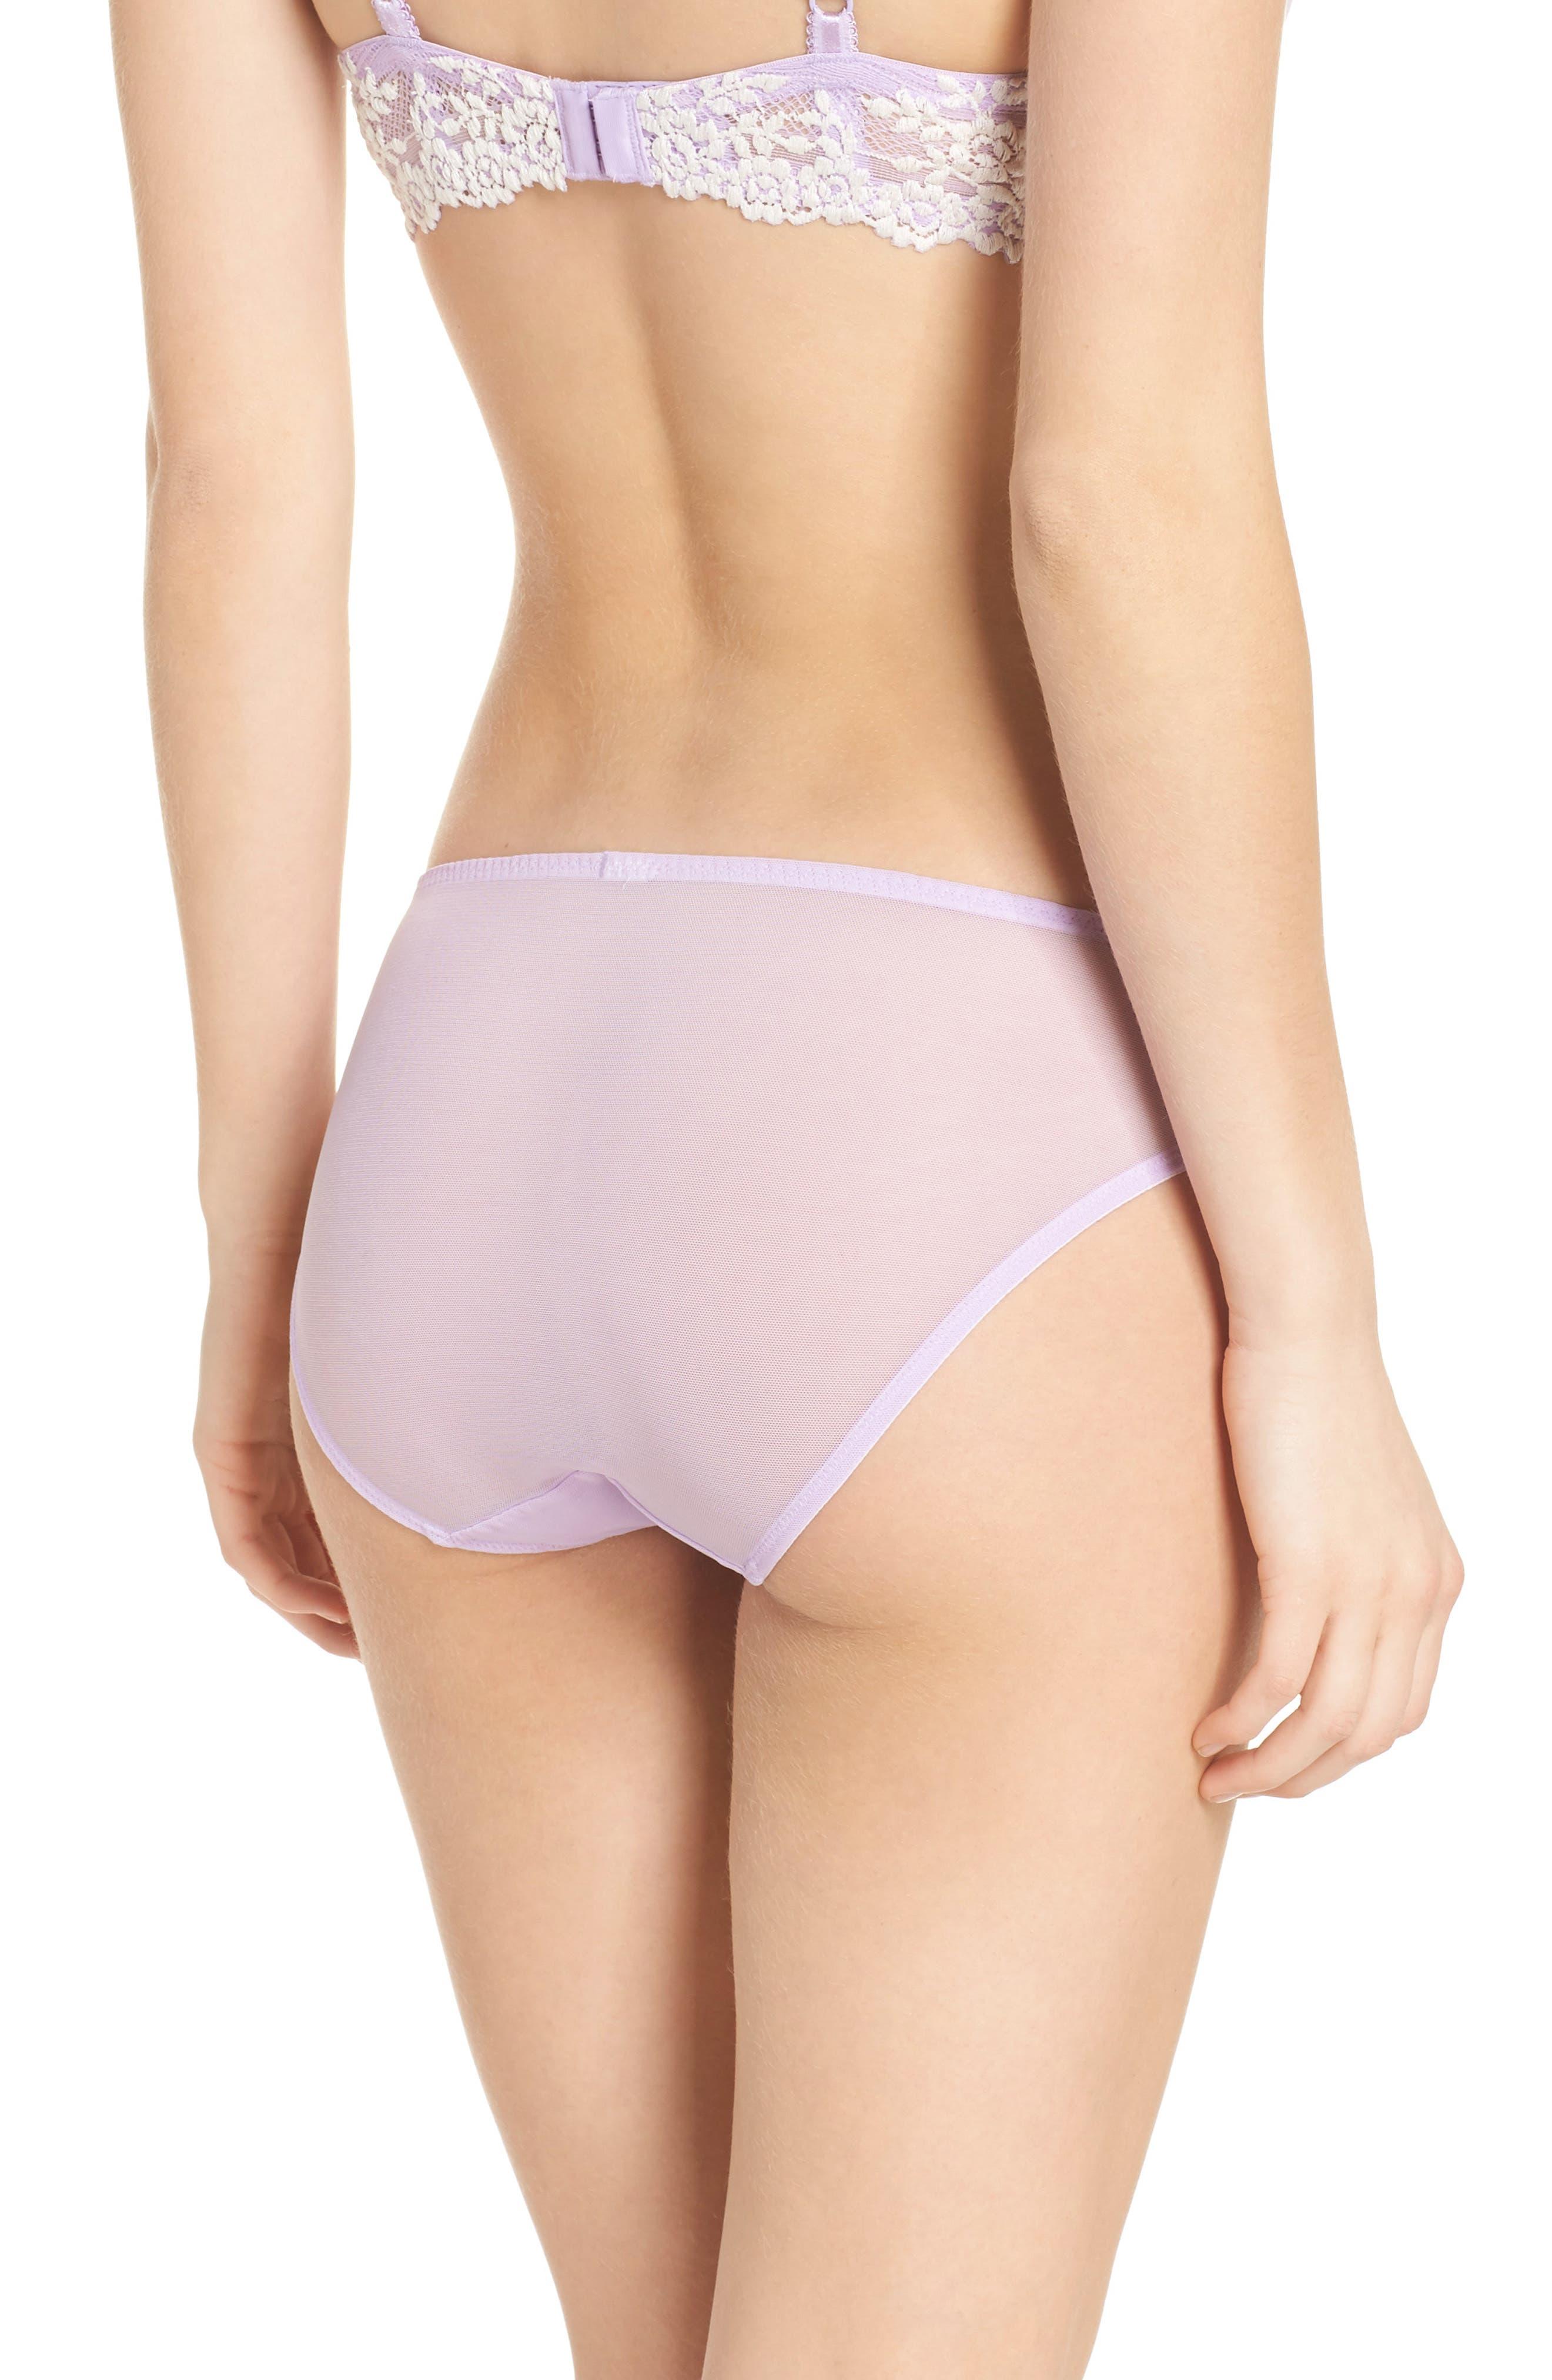 'Embrace' Lace Bikini,                             Alternate thumbnail 2, color,                             Lavender